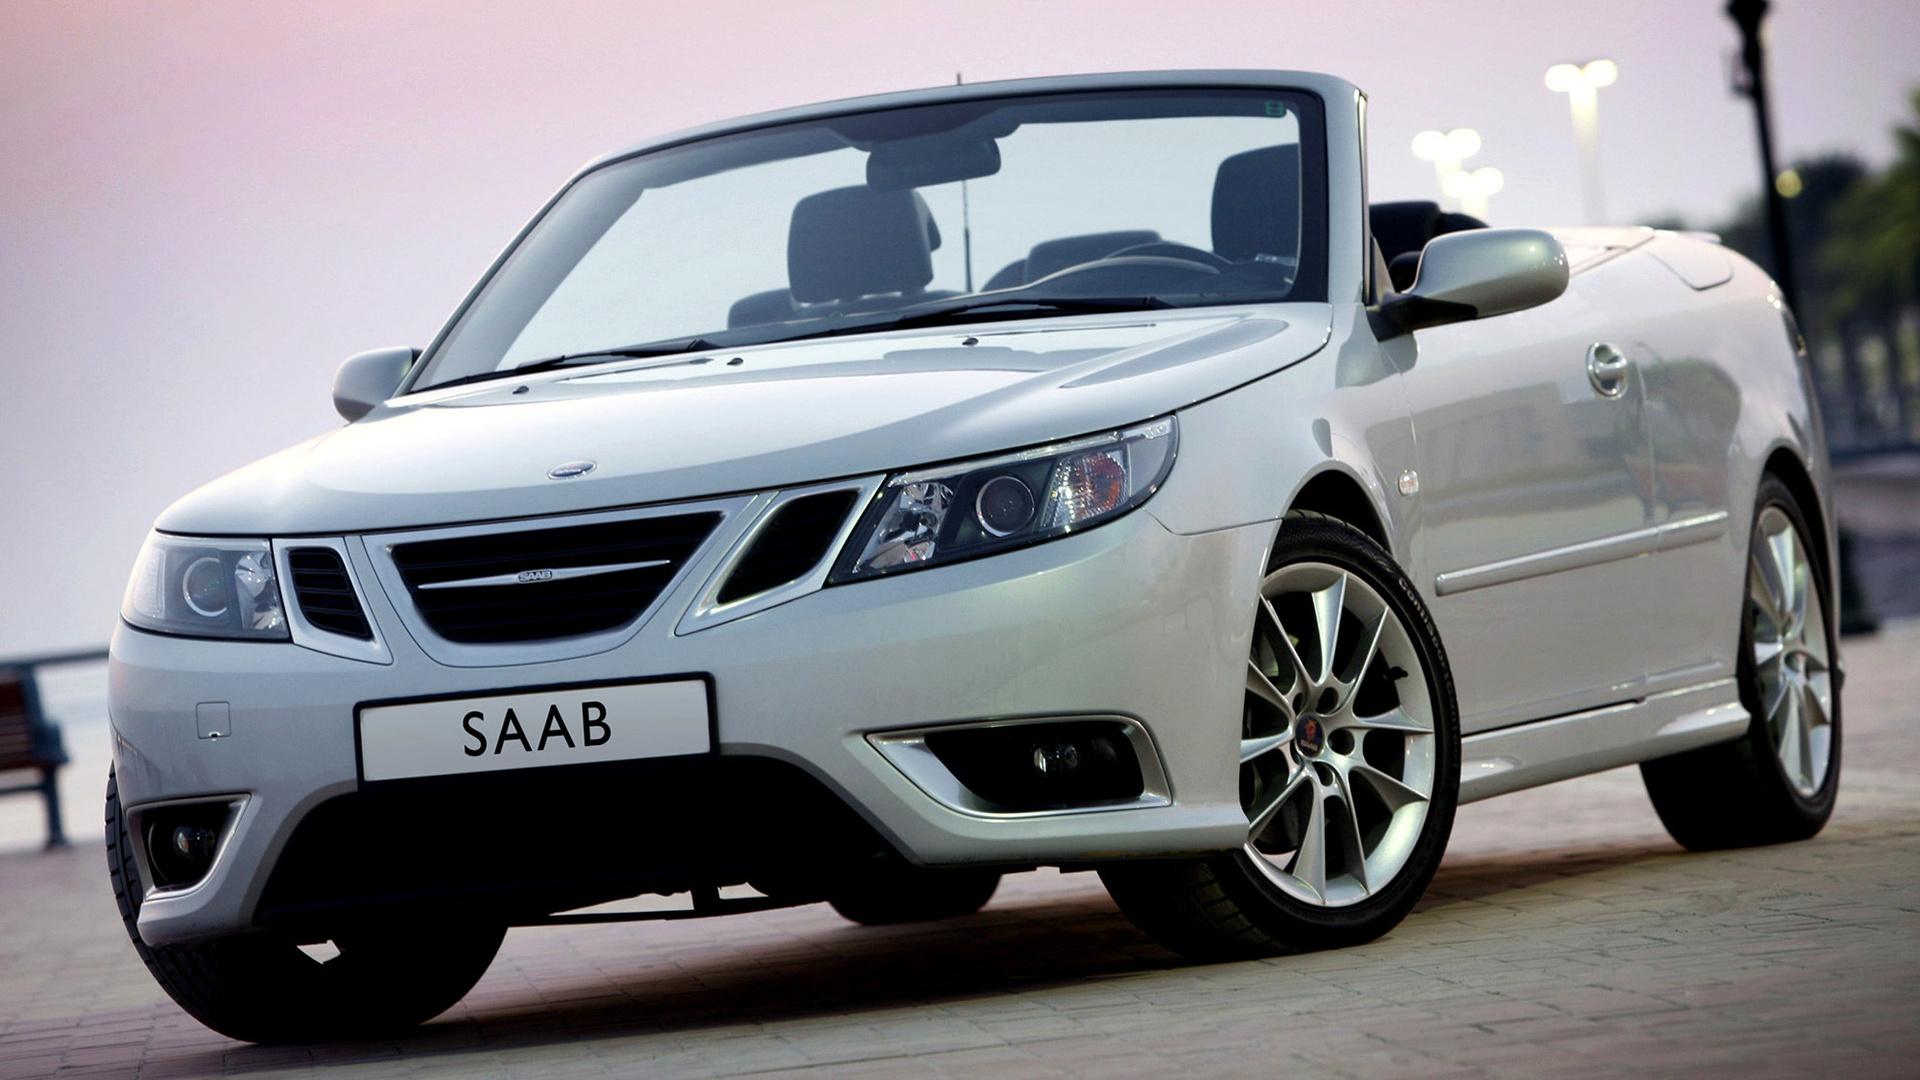 Saab Aero Convertible Wallpaper Hd on Alfa Romeo Convertible